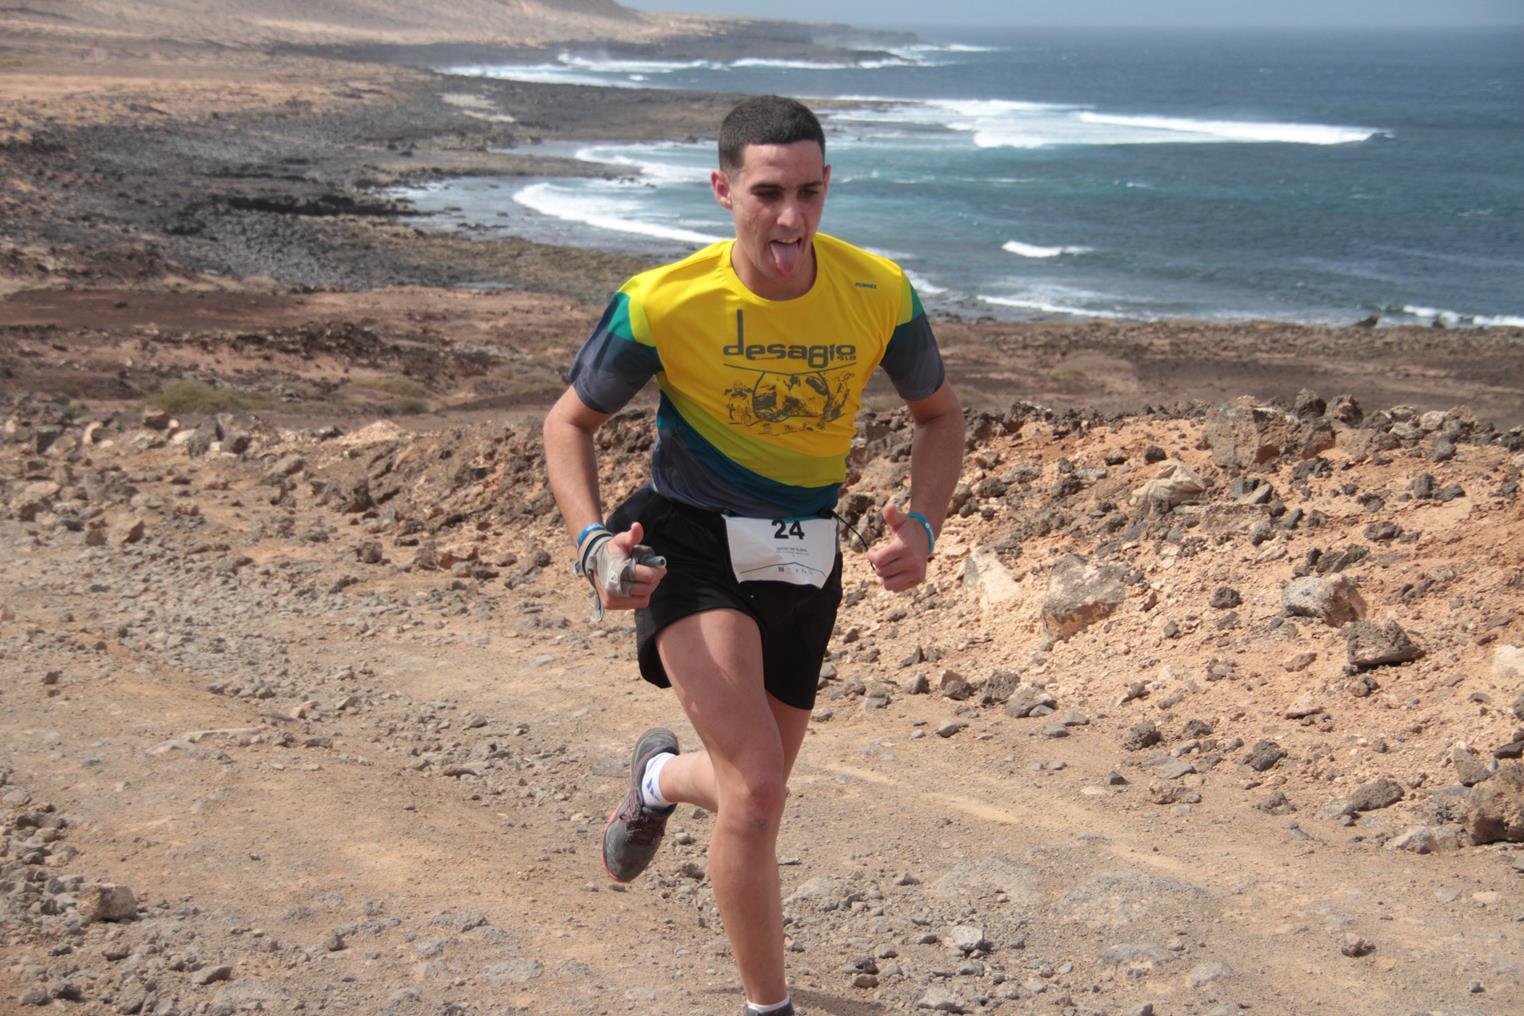 Desafio-Trail-431